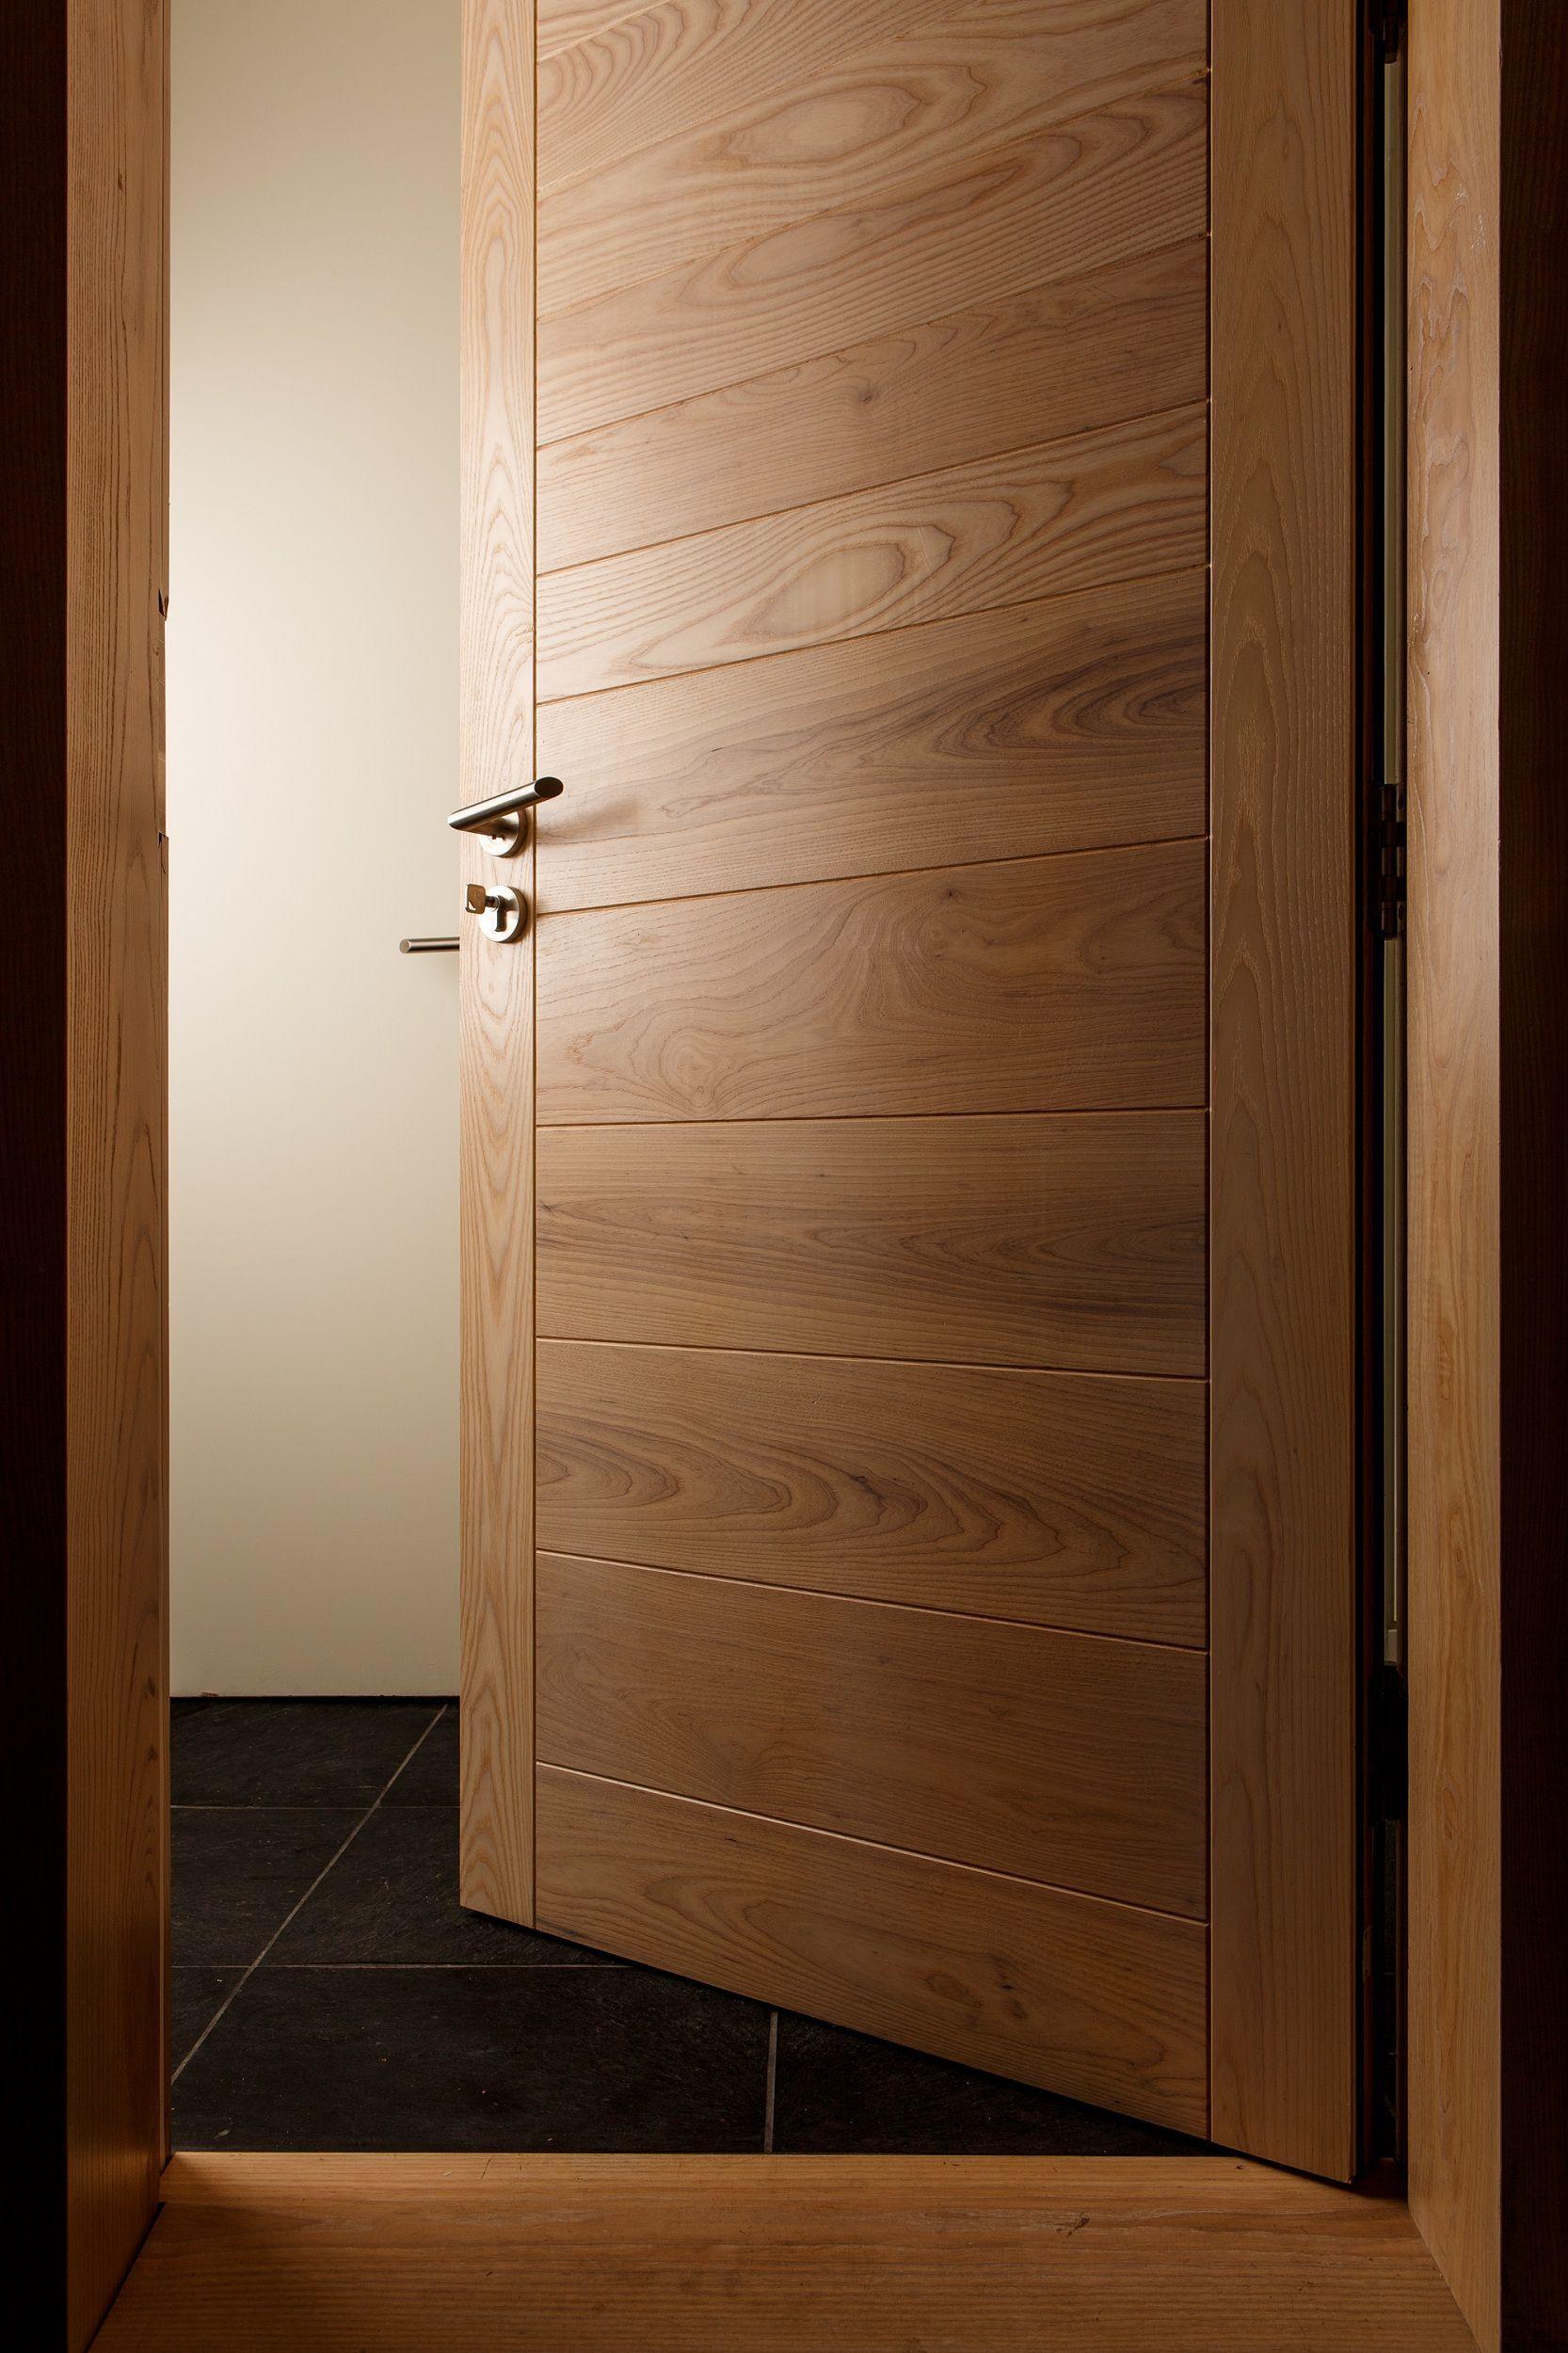 Photo of Residential Property Door Puertas In 2019 Doors Bedroom Door